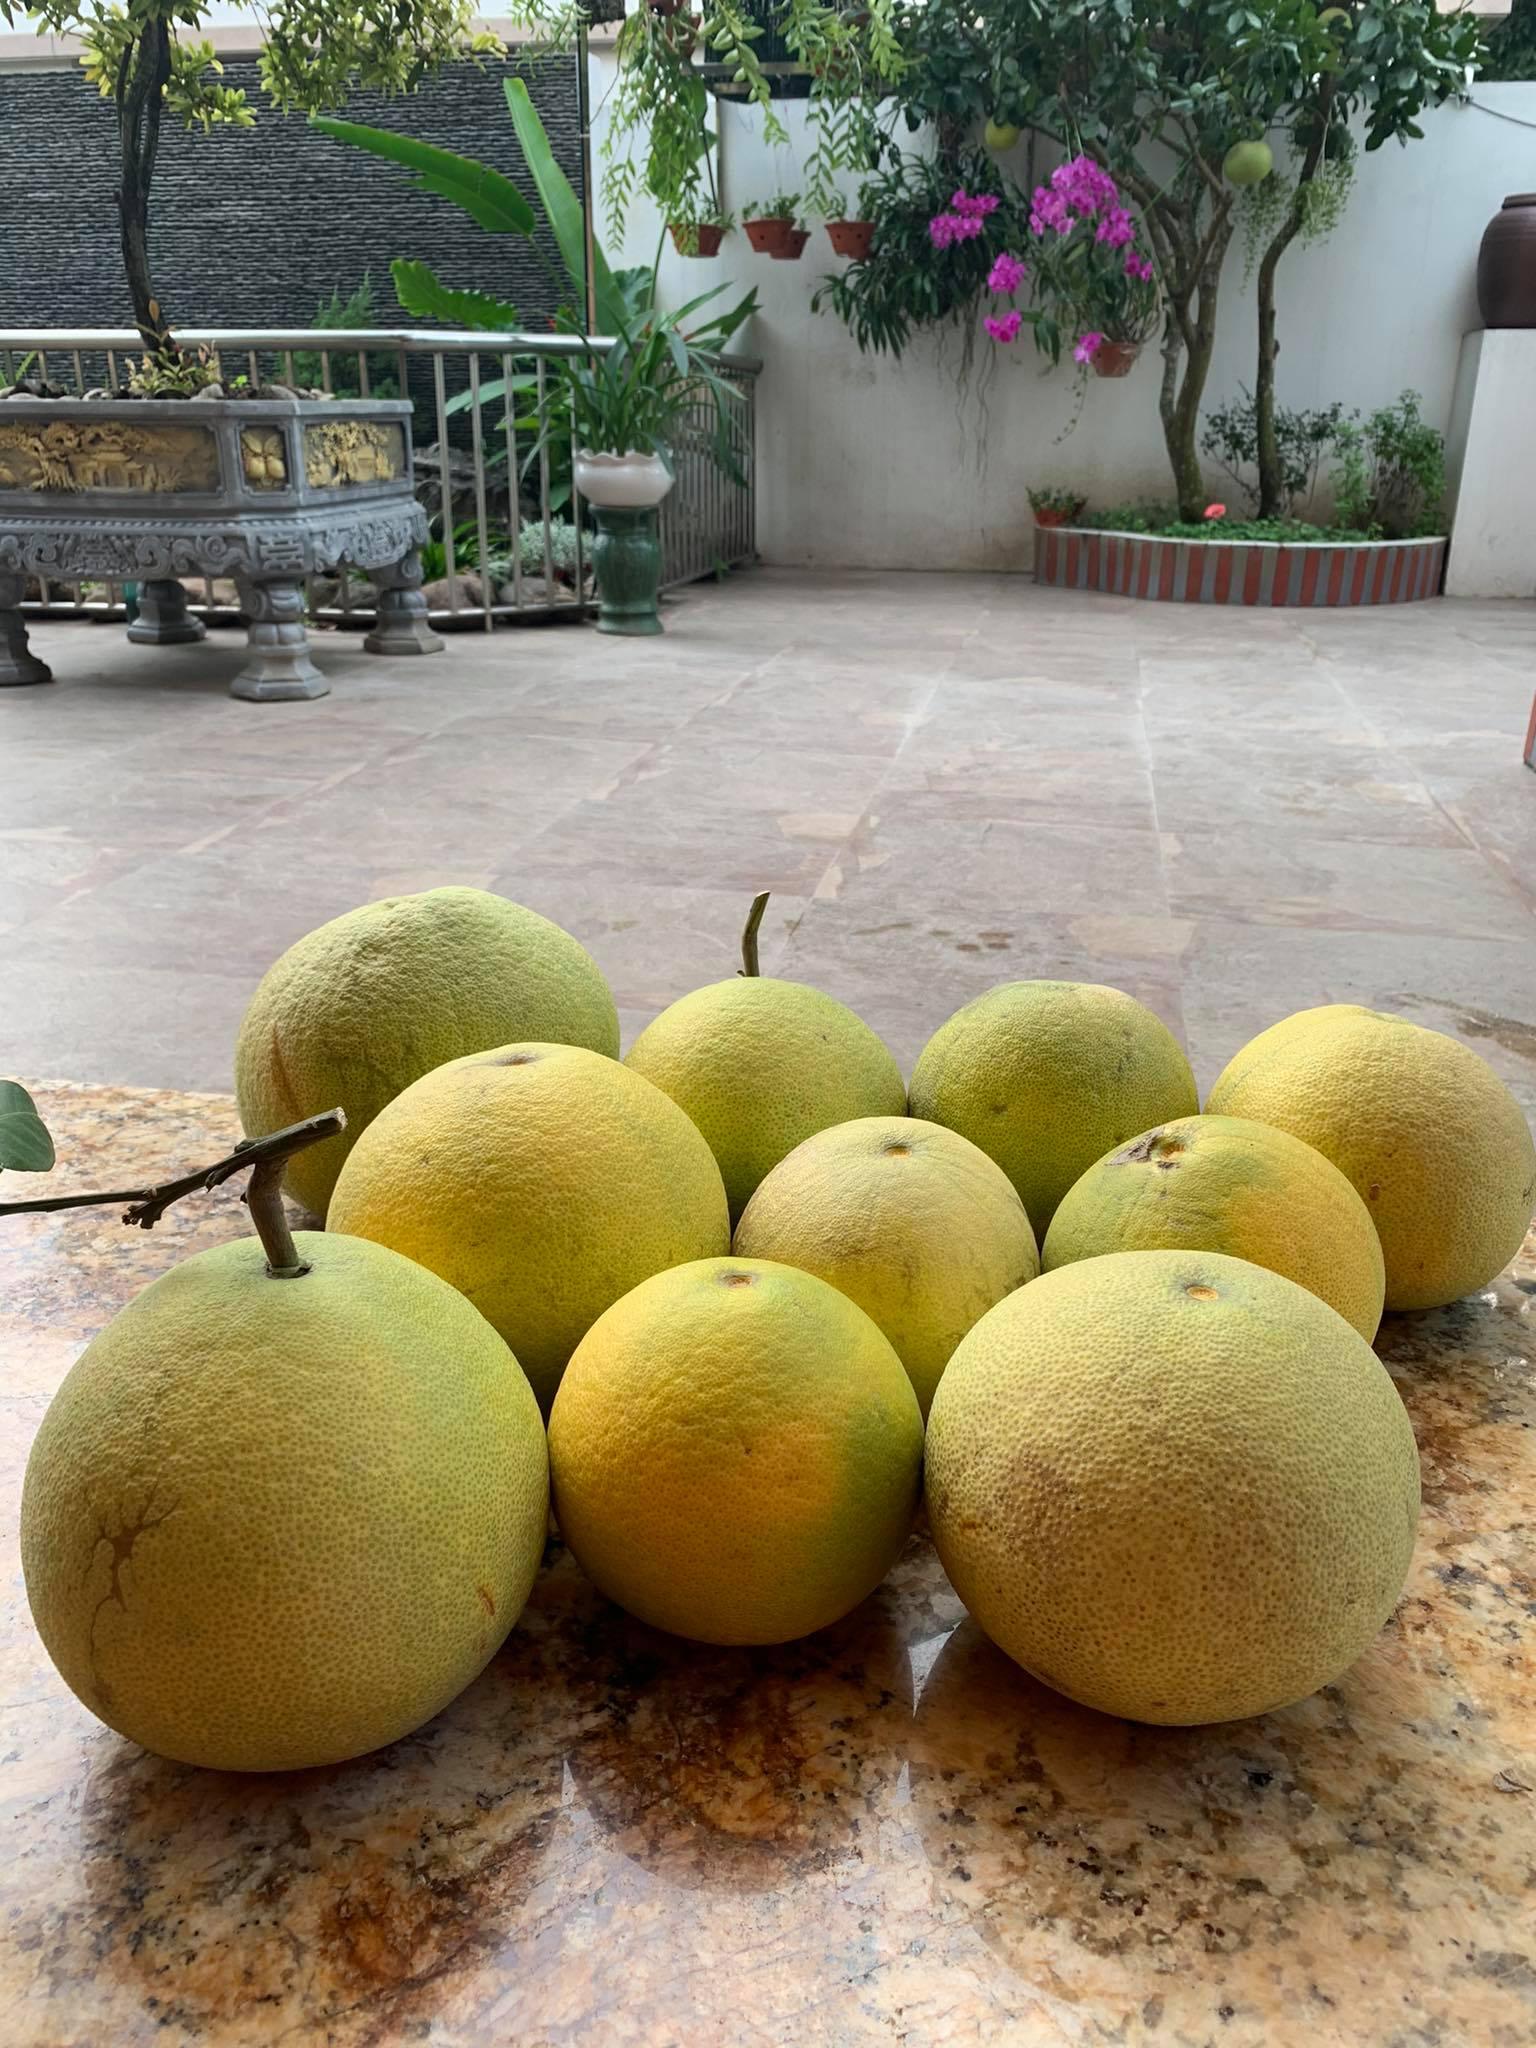 Ngôi nhà quanh năm rực rỡ sắc hương hoa hồng và đủ loại cây ăn quả ở Hà Nội - Ảnh 5.